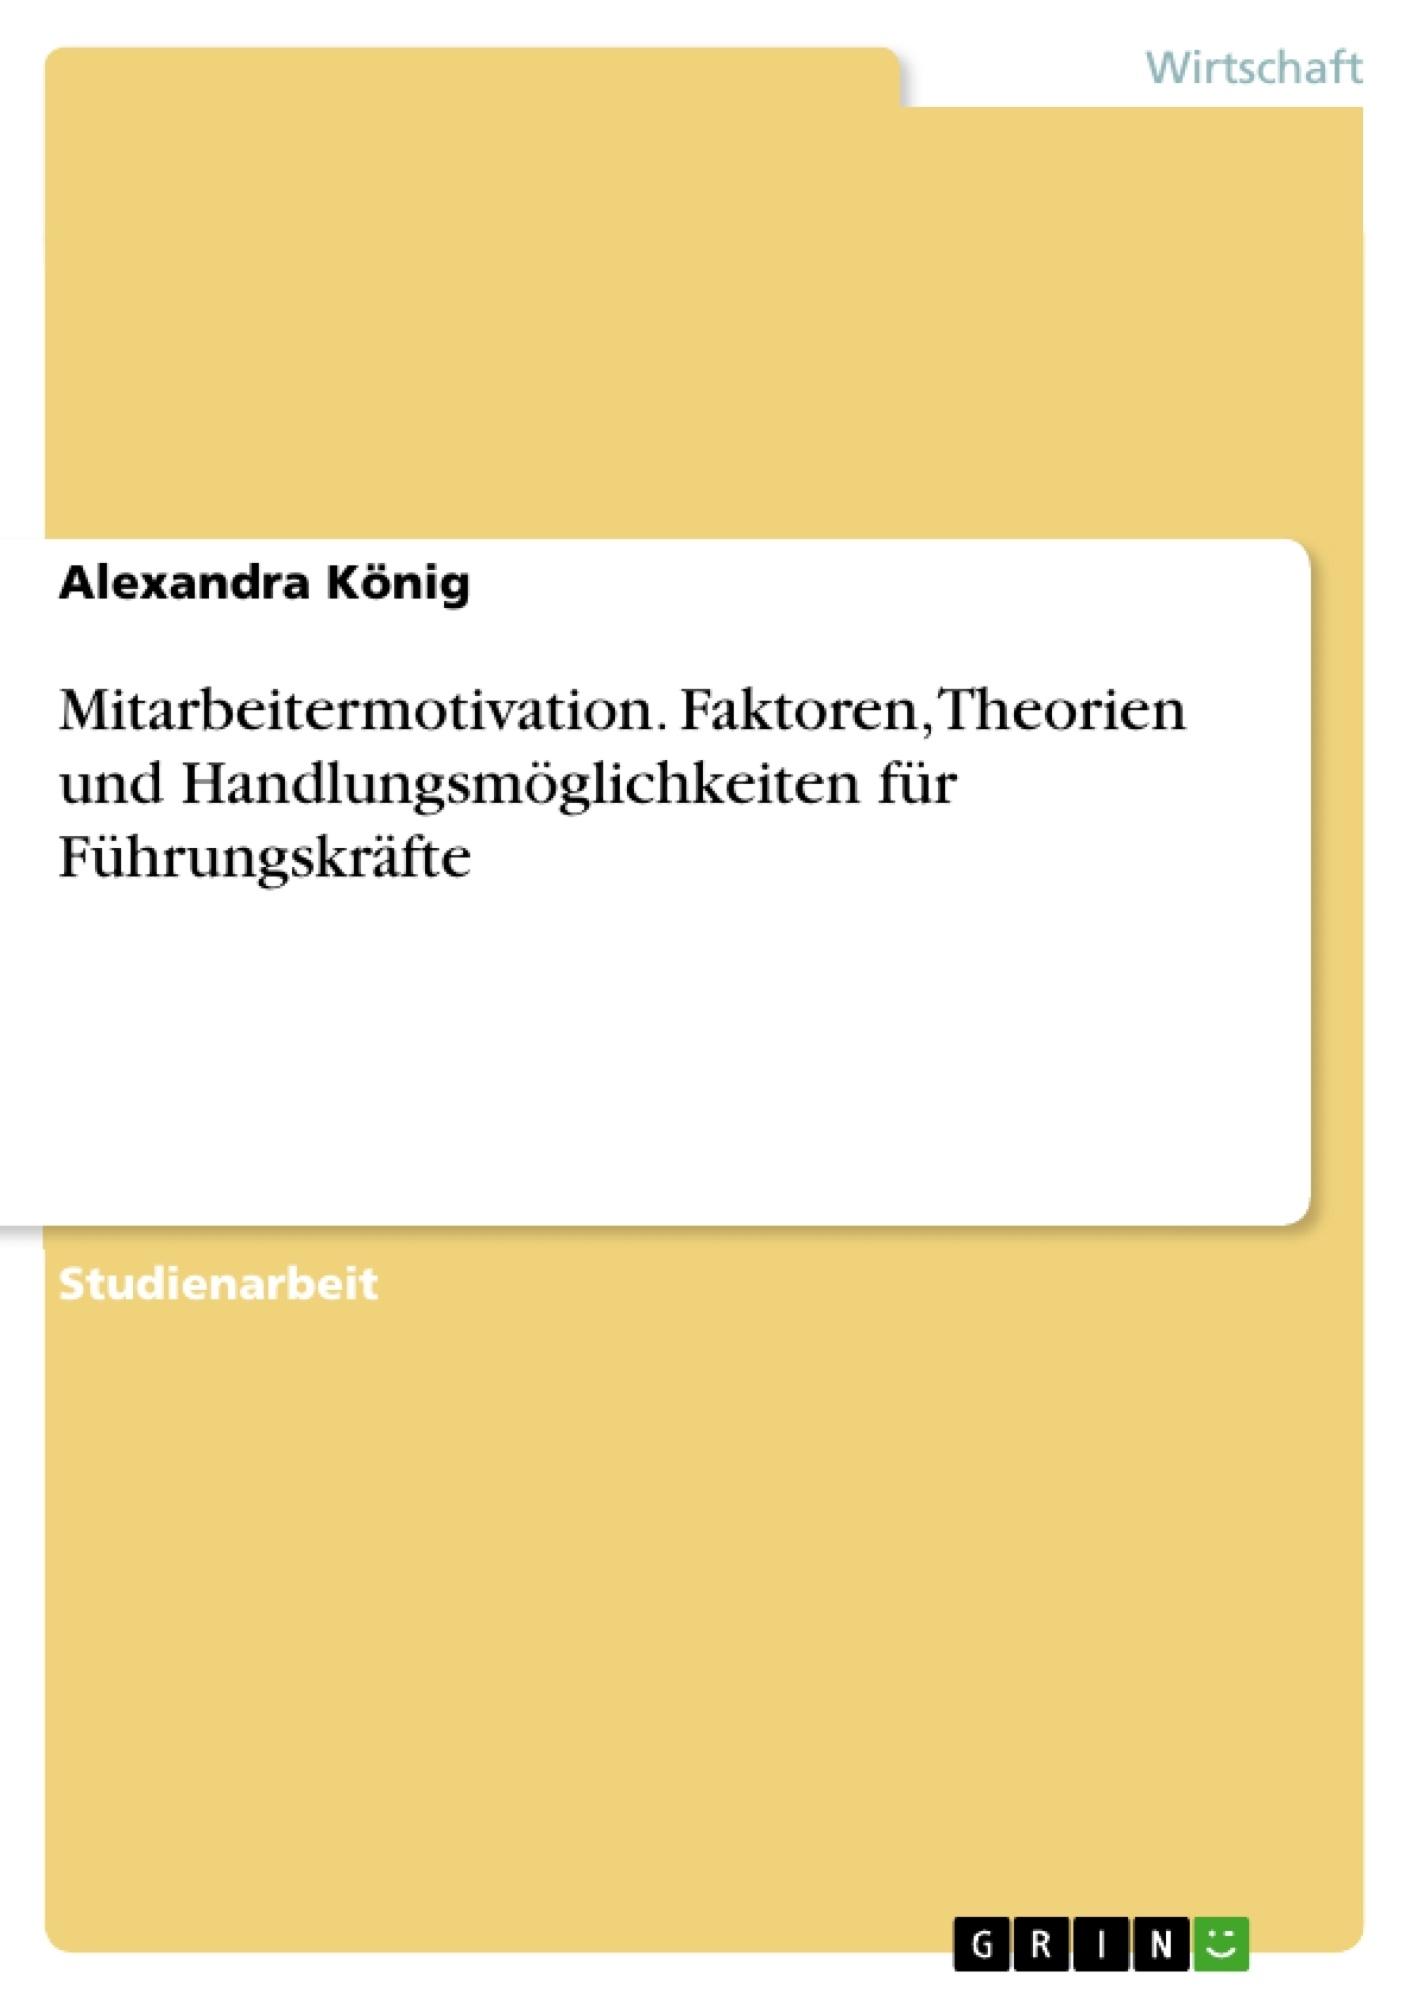 Titel: Mitarbeitermotivation. Faktoren, Theorien und Handlungsmöglichkeiten für Führungskräfte